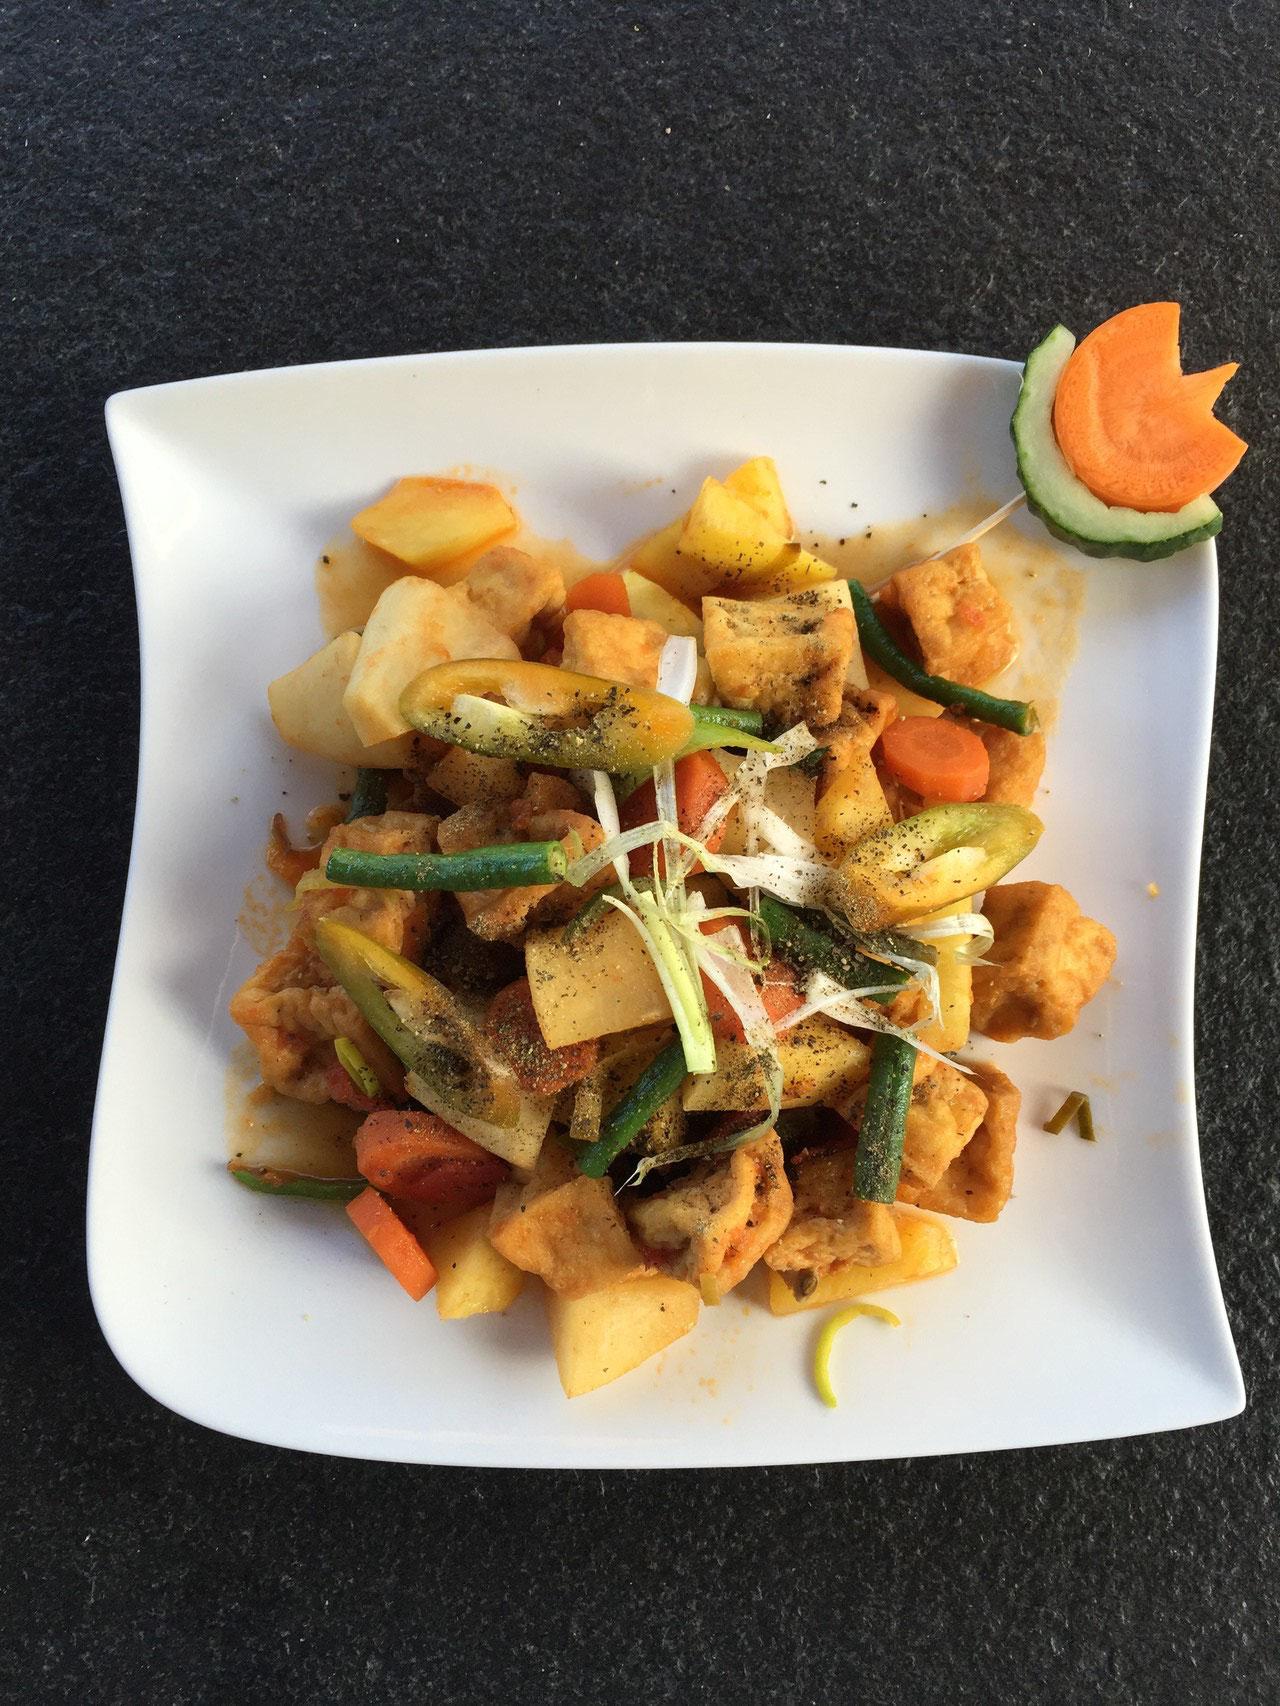 Dau khuon kho chay - Gekochter Tofu mit gemischte Gemüse und Kokoswasser.